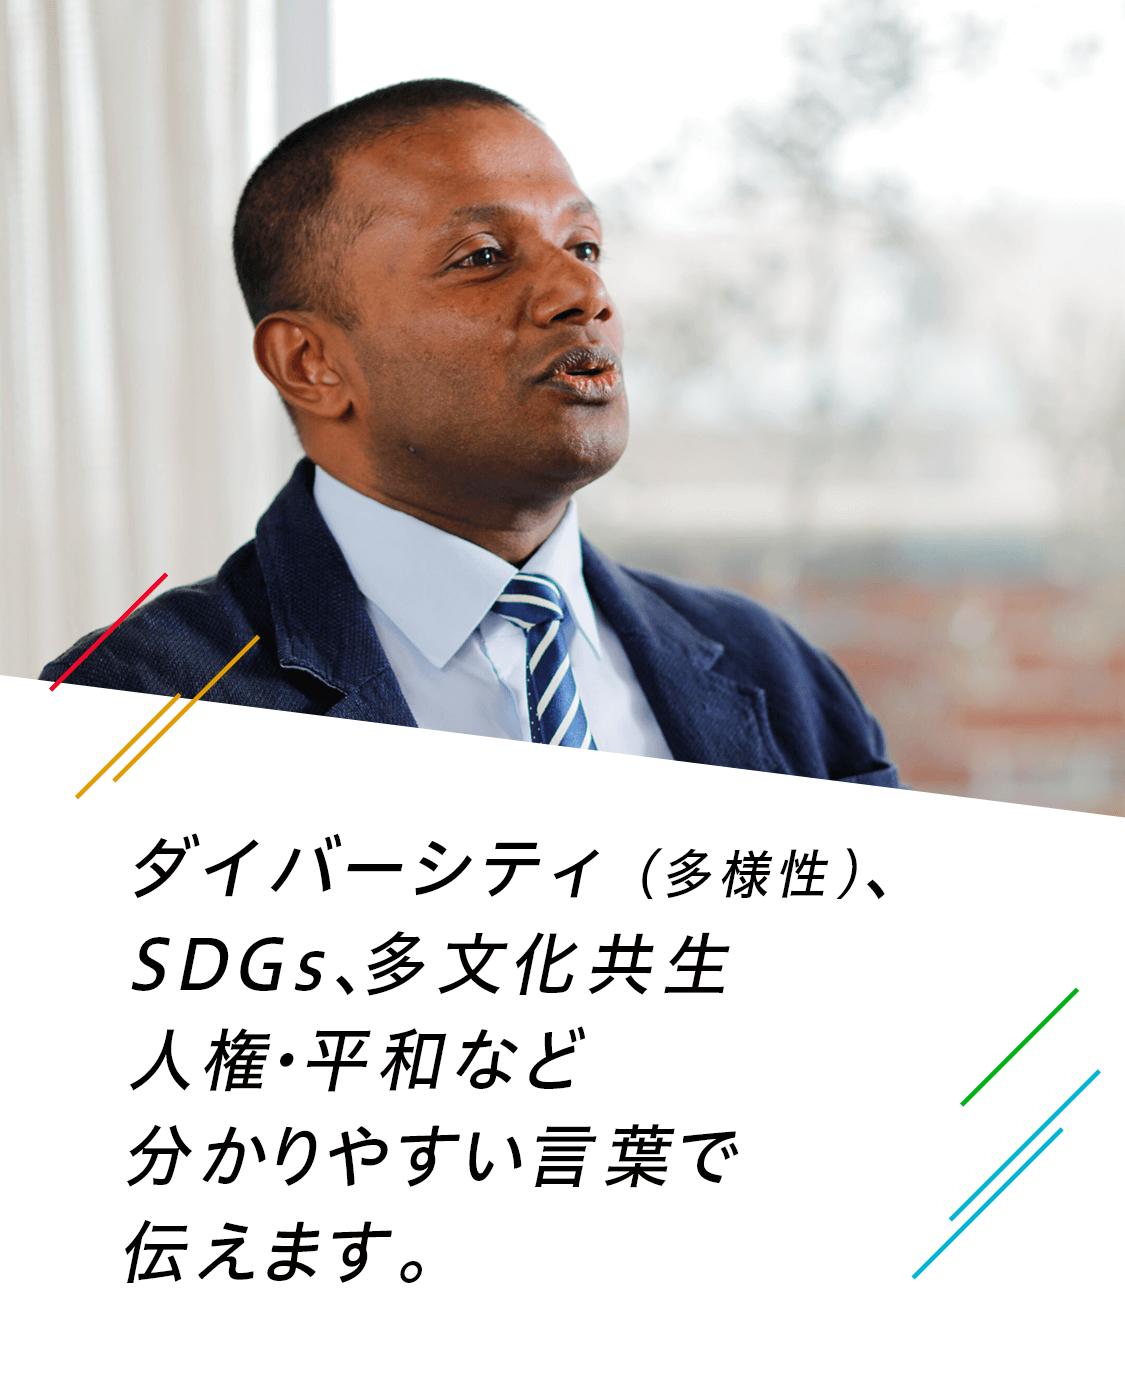 ダイバーシティ(多様性)、SDGs、多文化共生、人権問題など、誰もが分かりやすい言葉で伝えます。